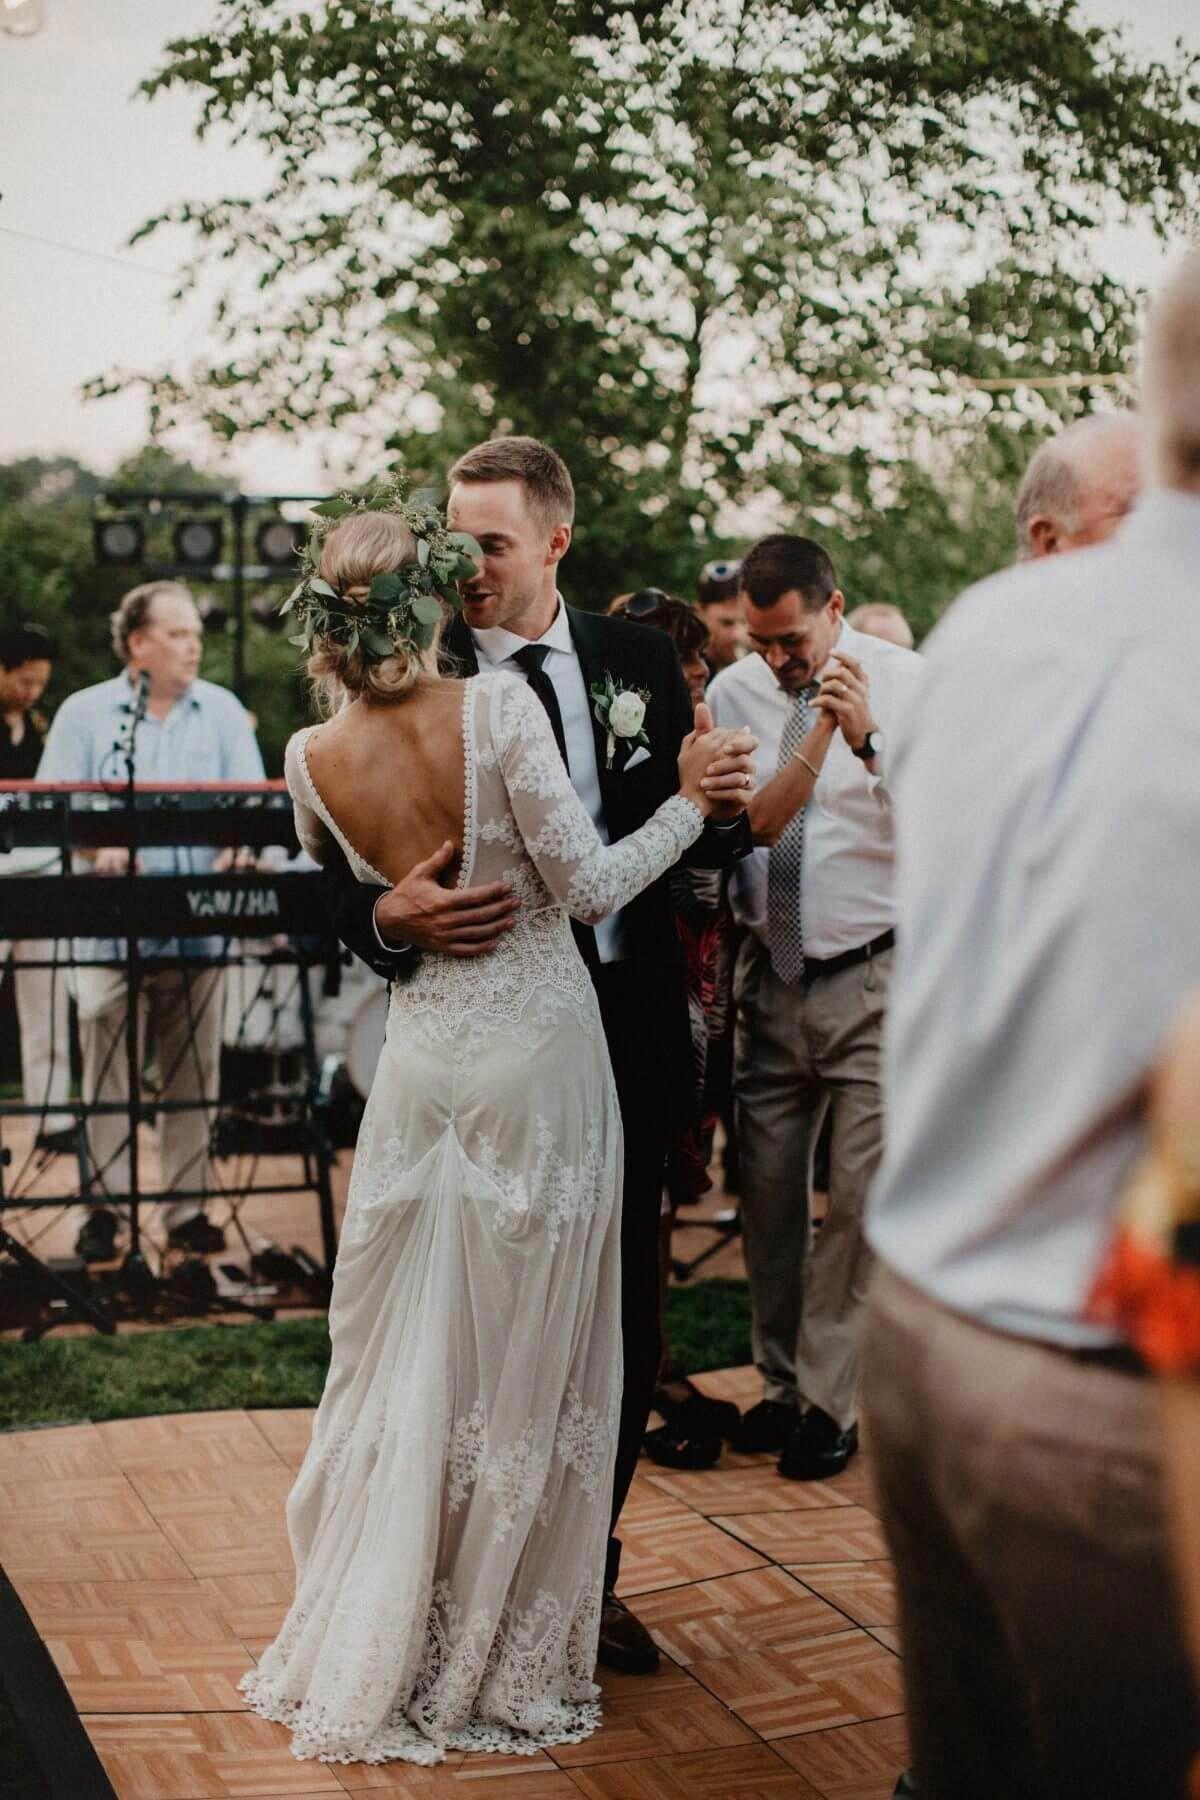 plus size wedding photography #WeddingPhotographyTips #bohowedding #simplisticweddingdresses